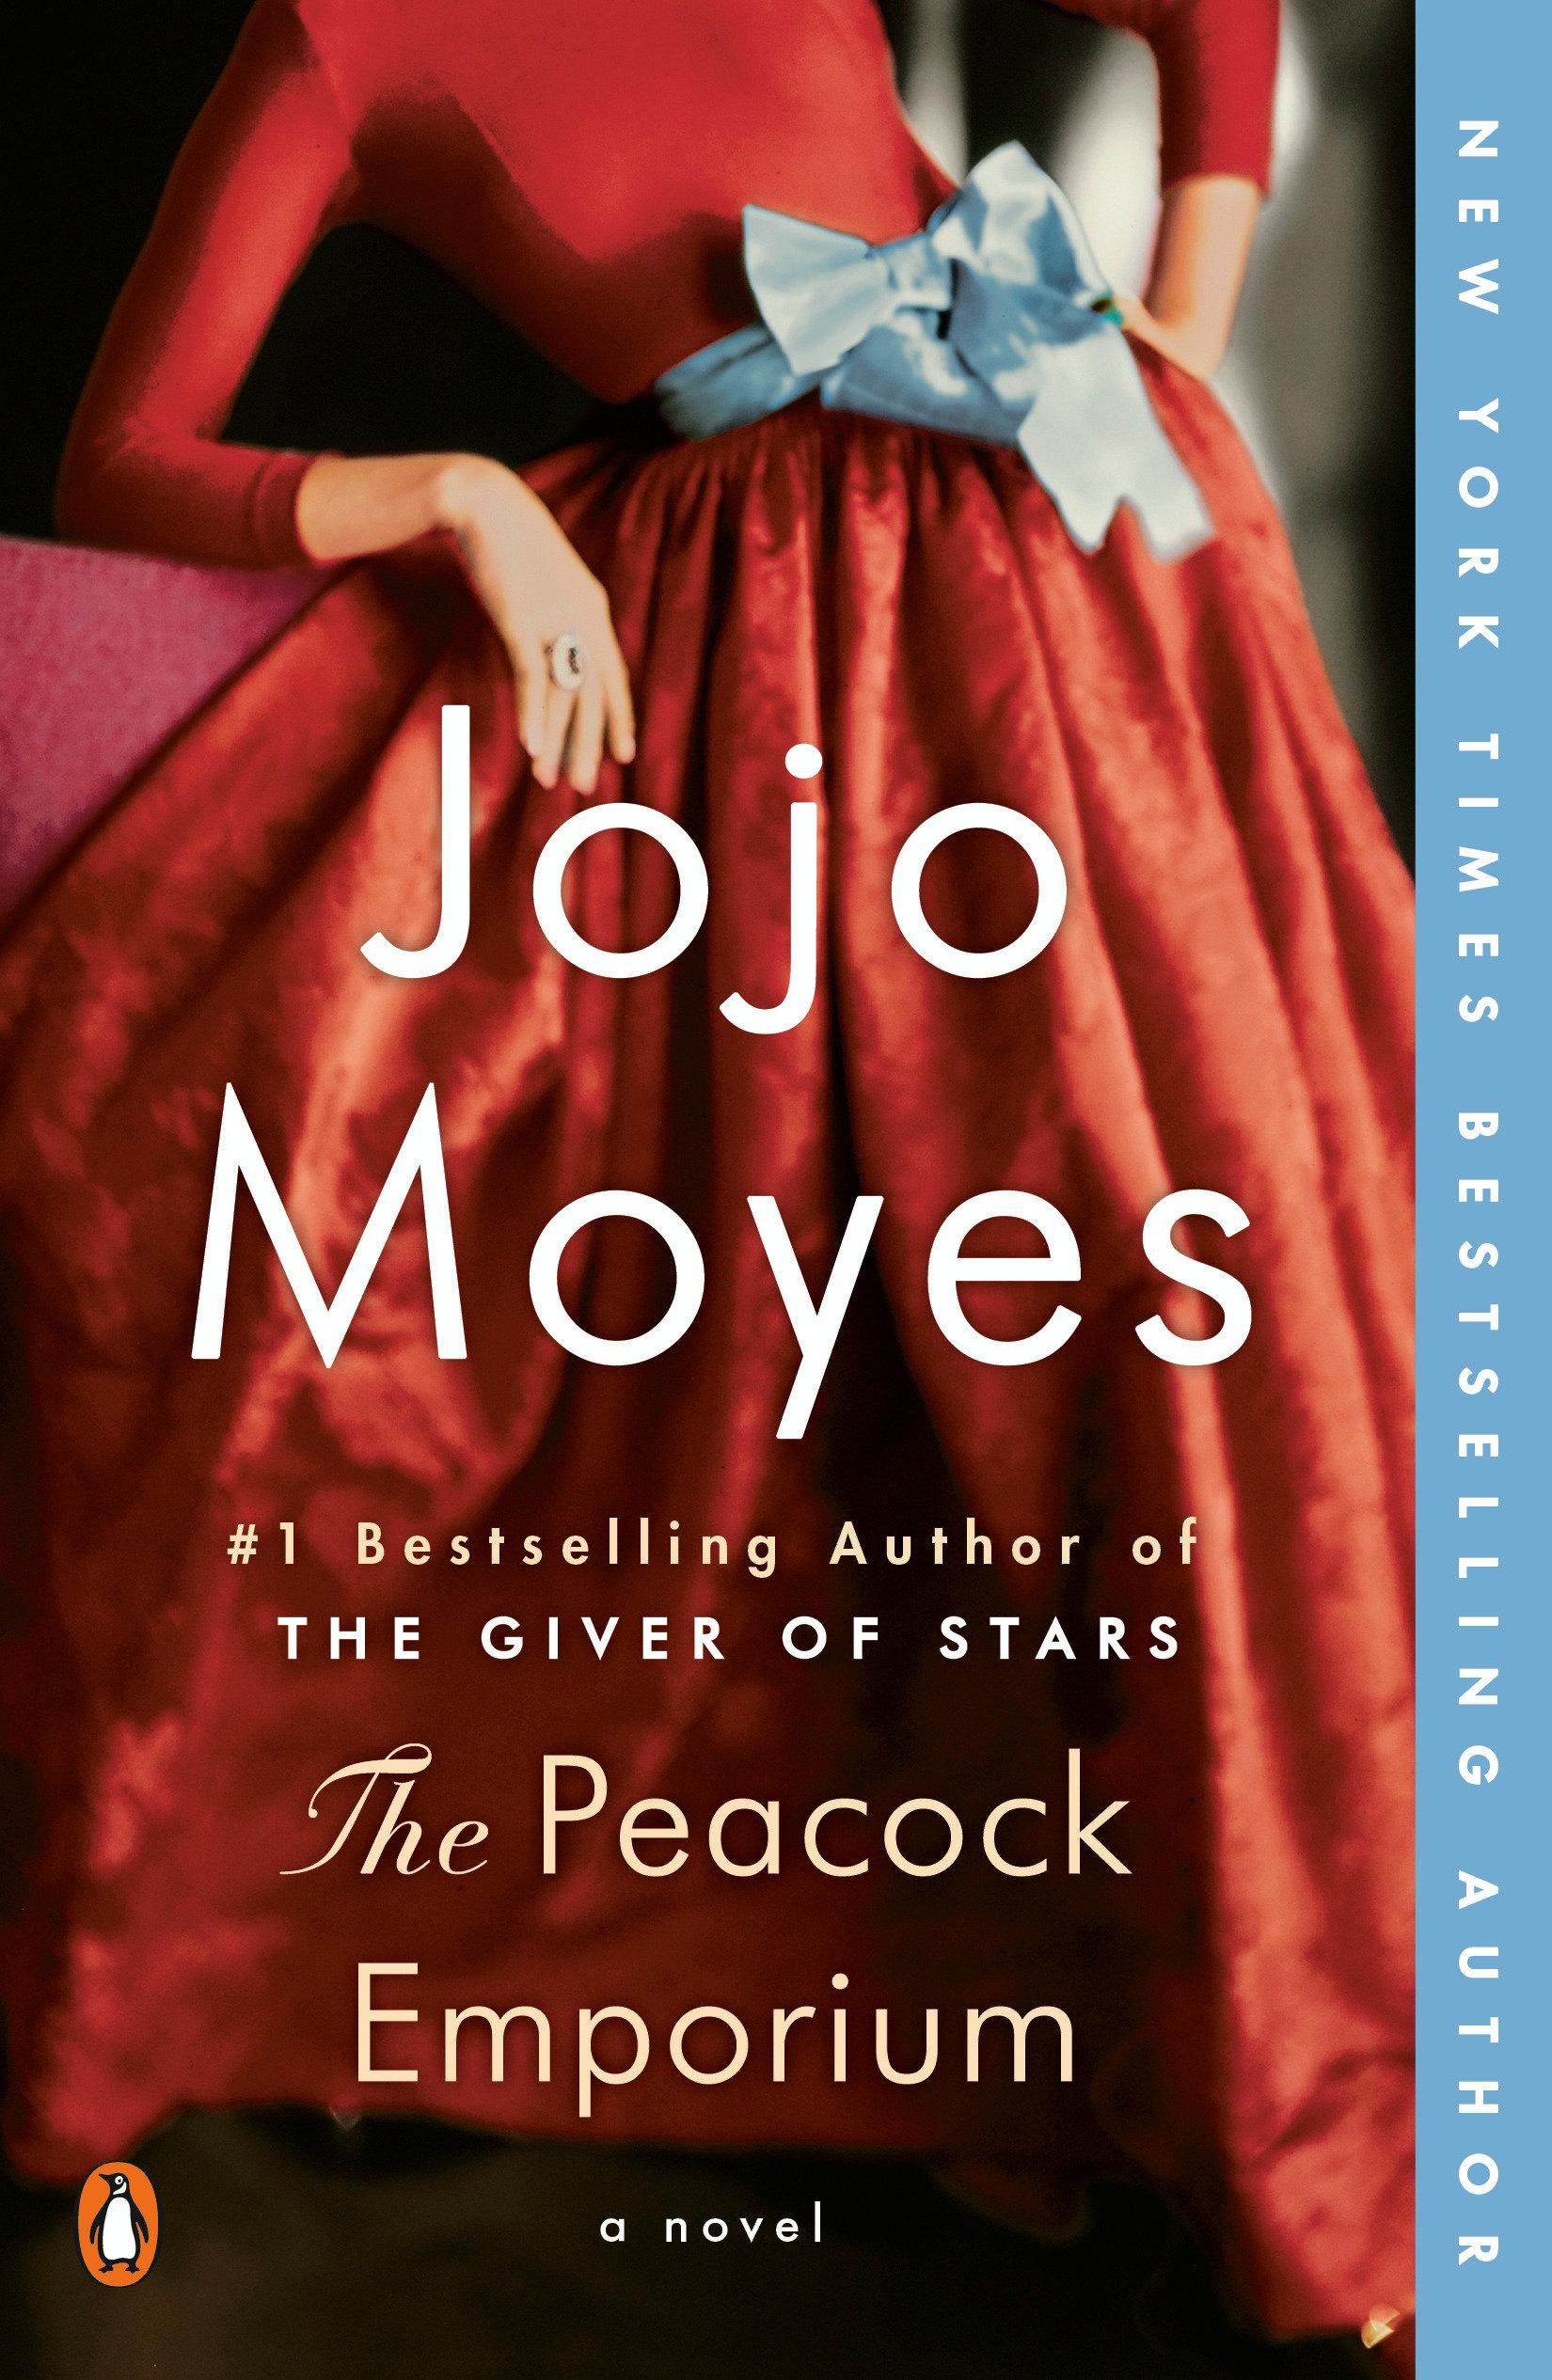 The Peacock Emporium cover image